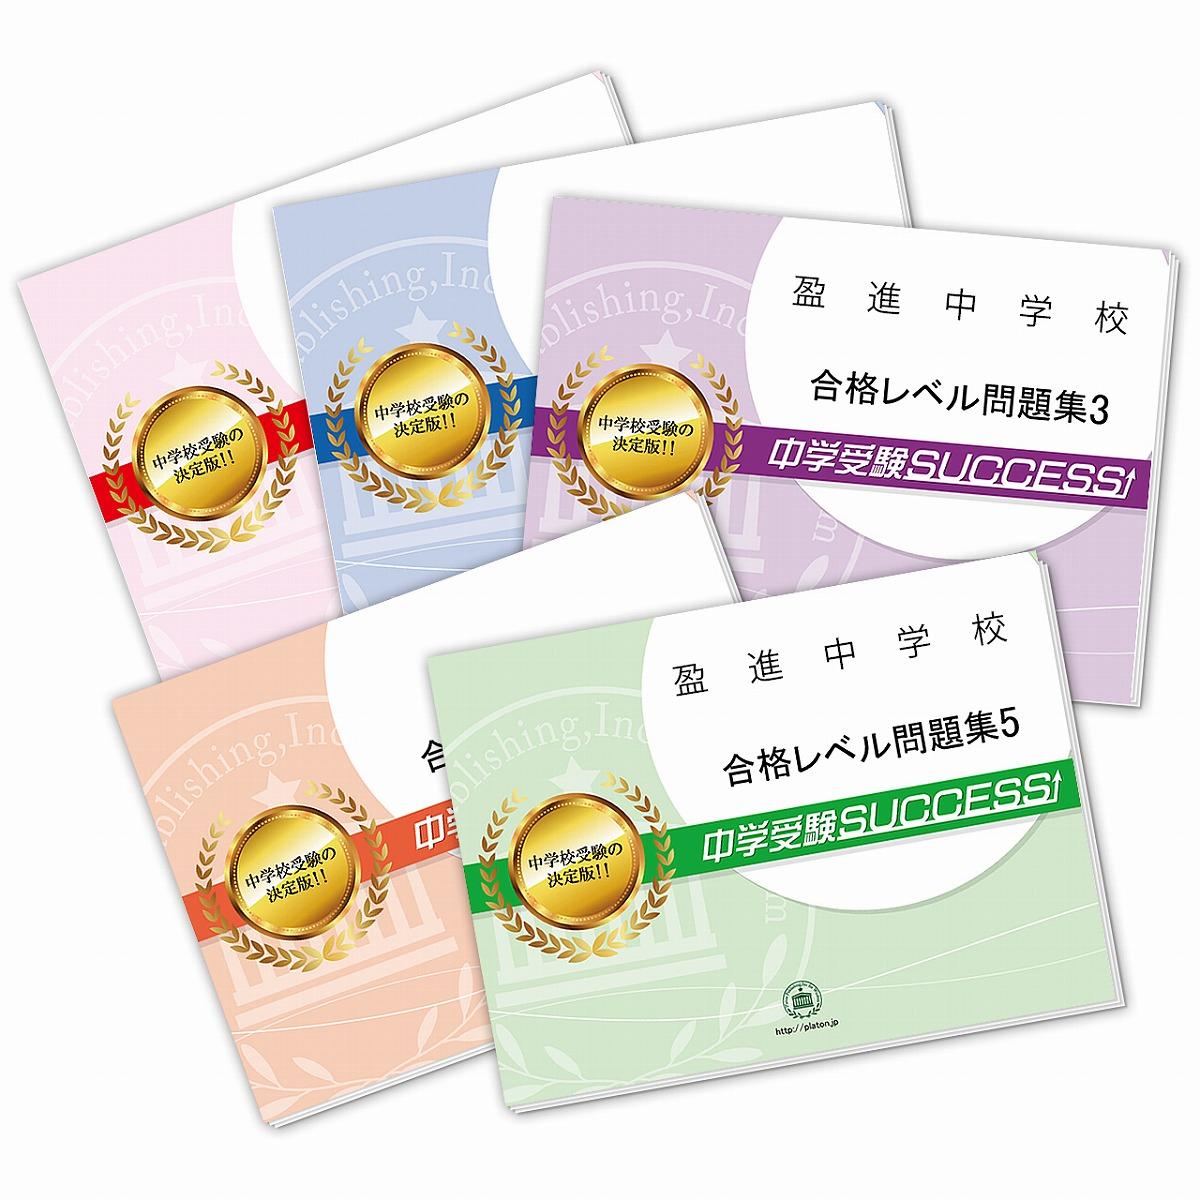 【送料・代引手数料無料】盈進中学校・直前対策合格セット(5冊)